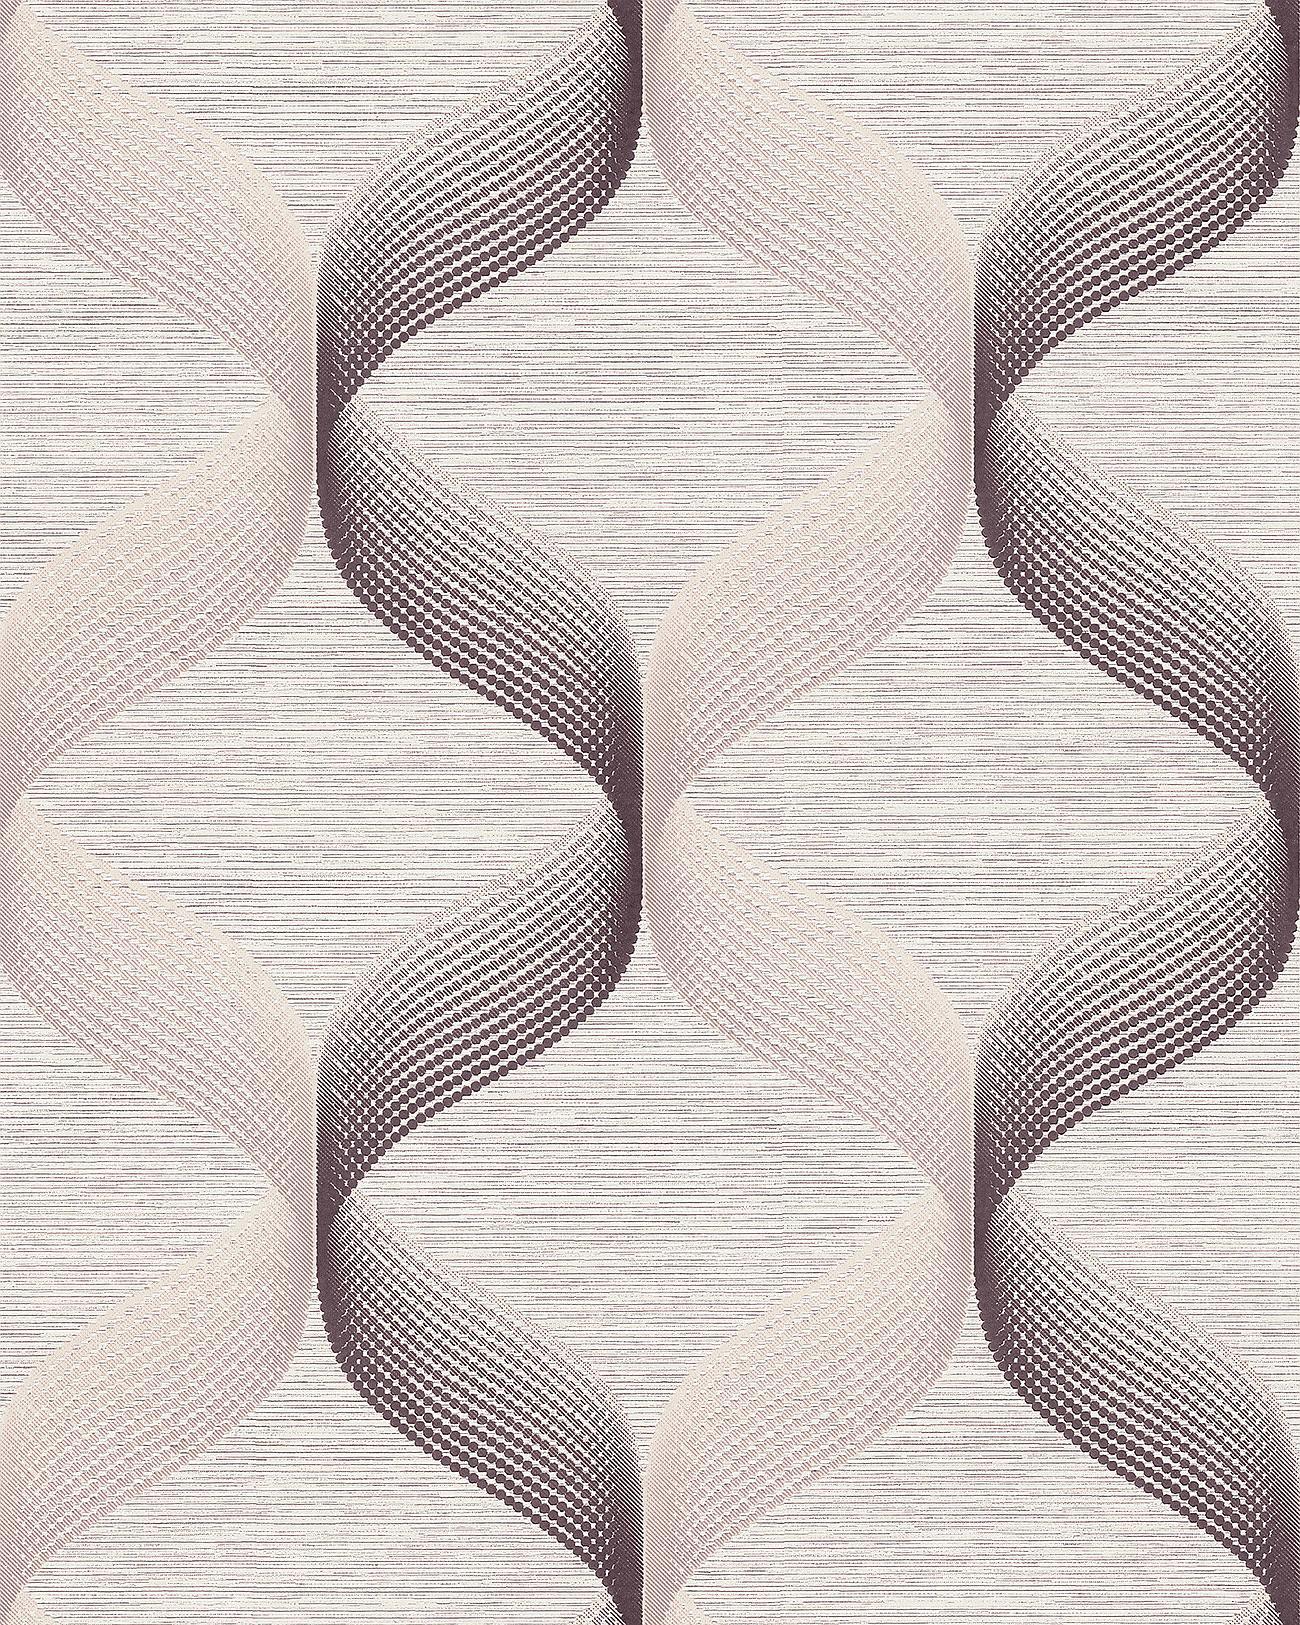 Retro Tapete EDEM 1034 14 Vinyltapete Strukturiert Mit Grafischem Muster  Glitzernd Creme Beige Braun